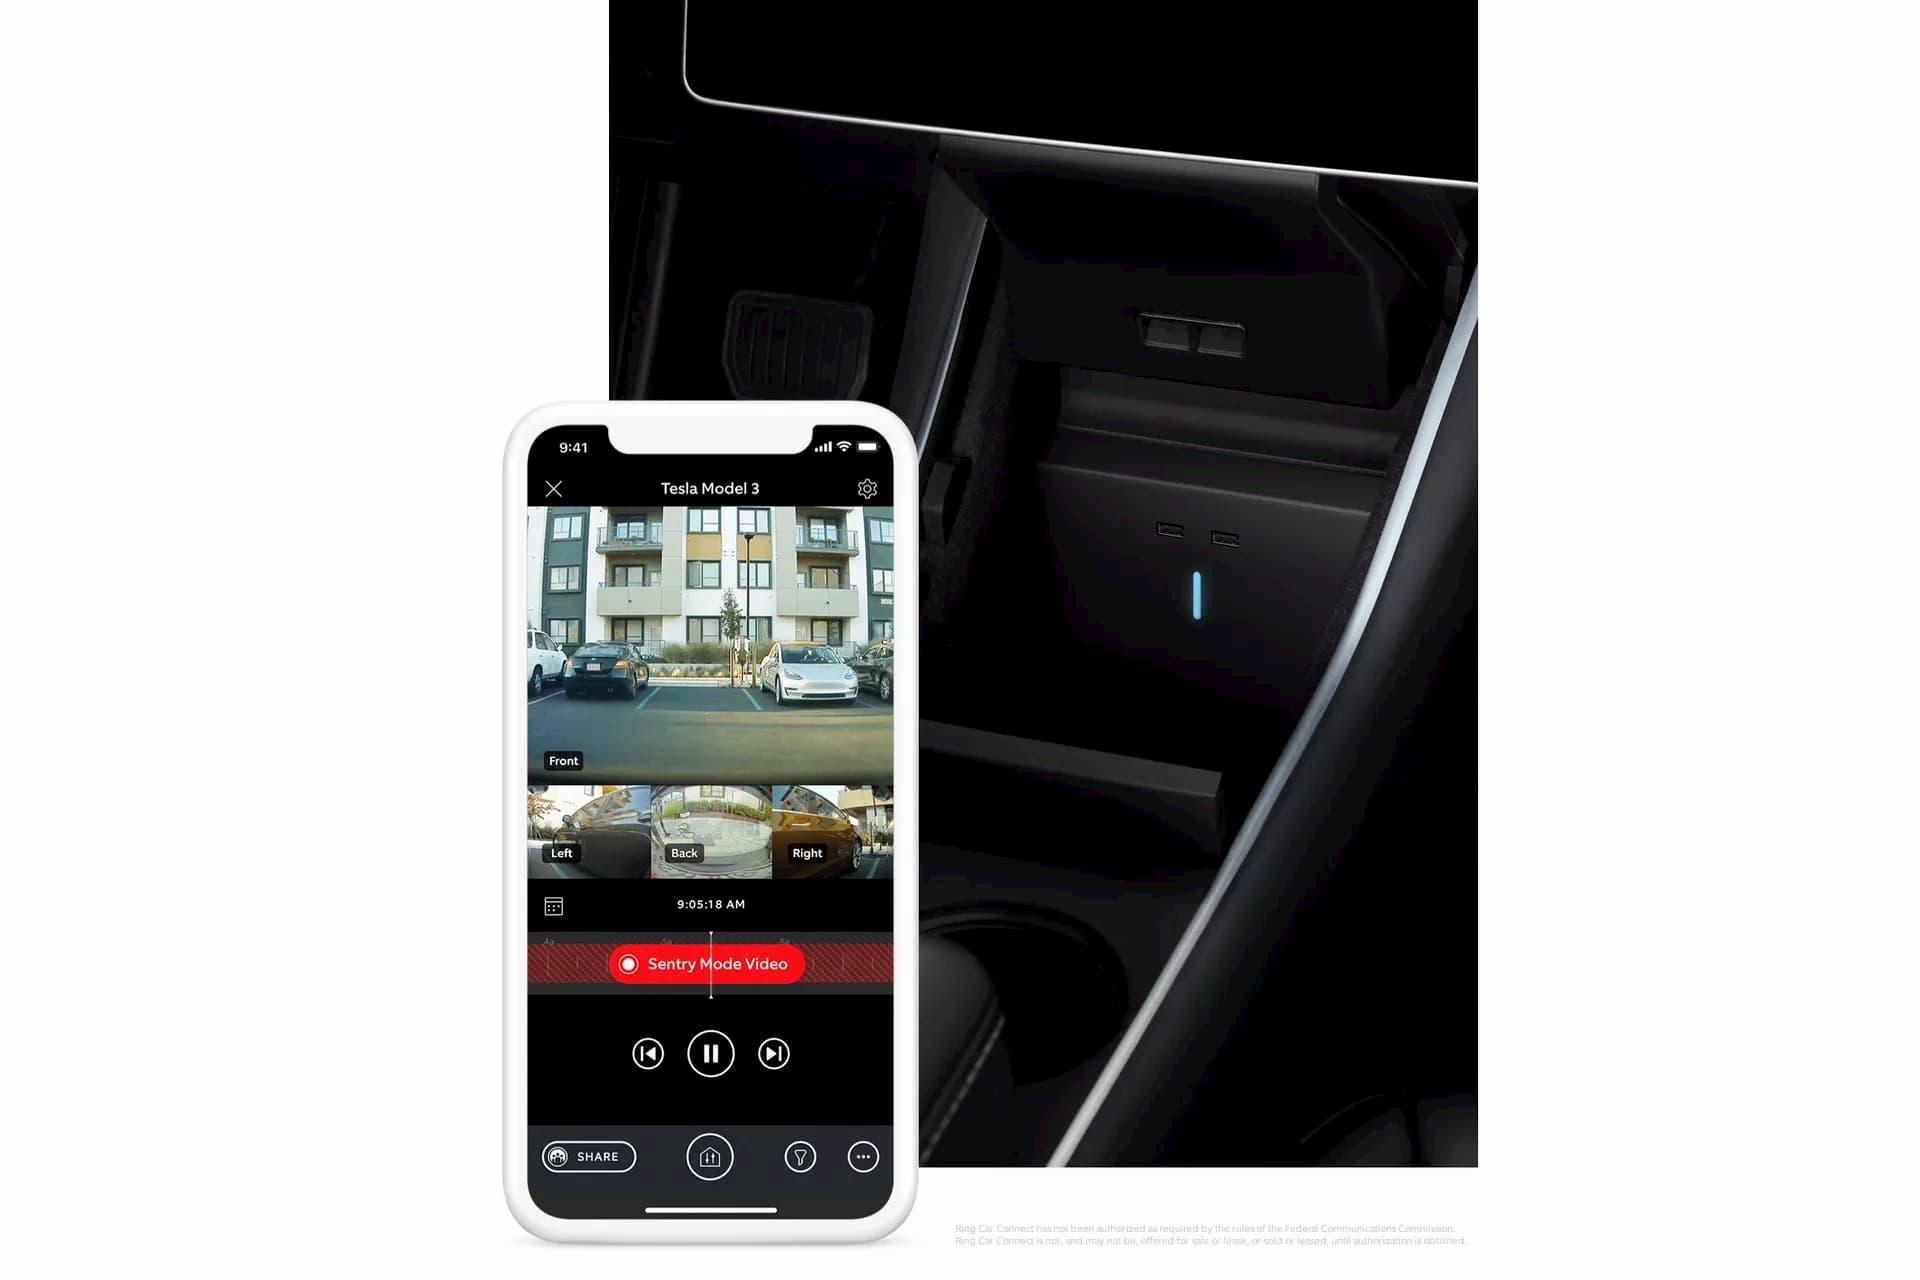 20200921 image blog car connect desktop 2x fcc rgb cropped